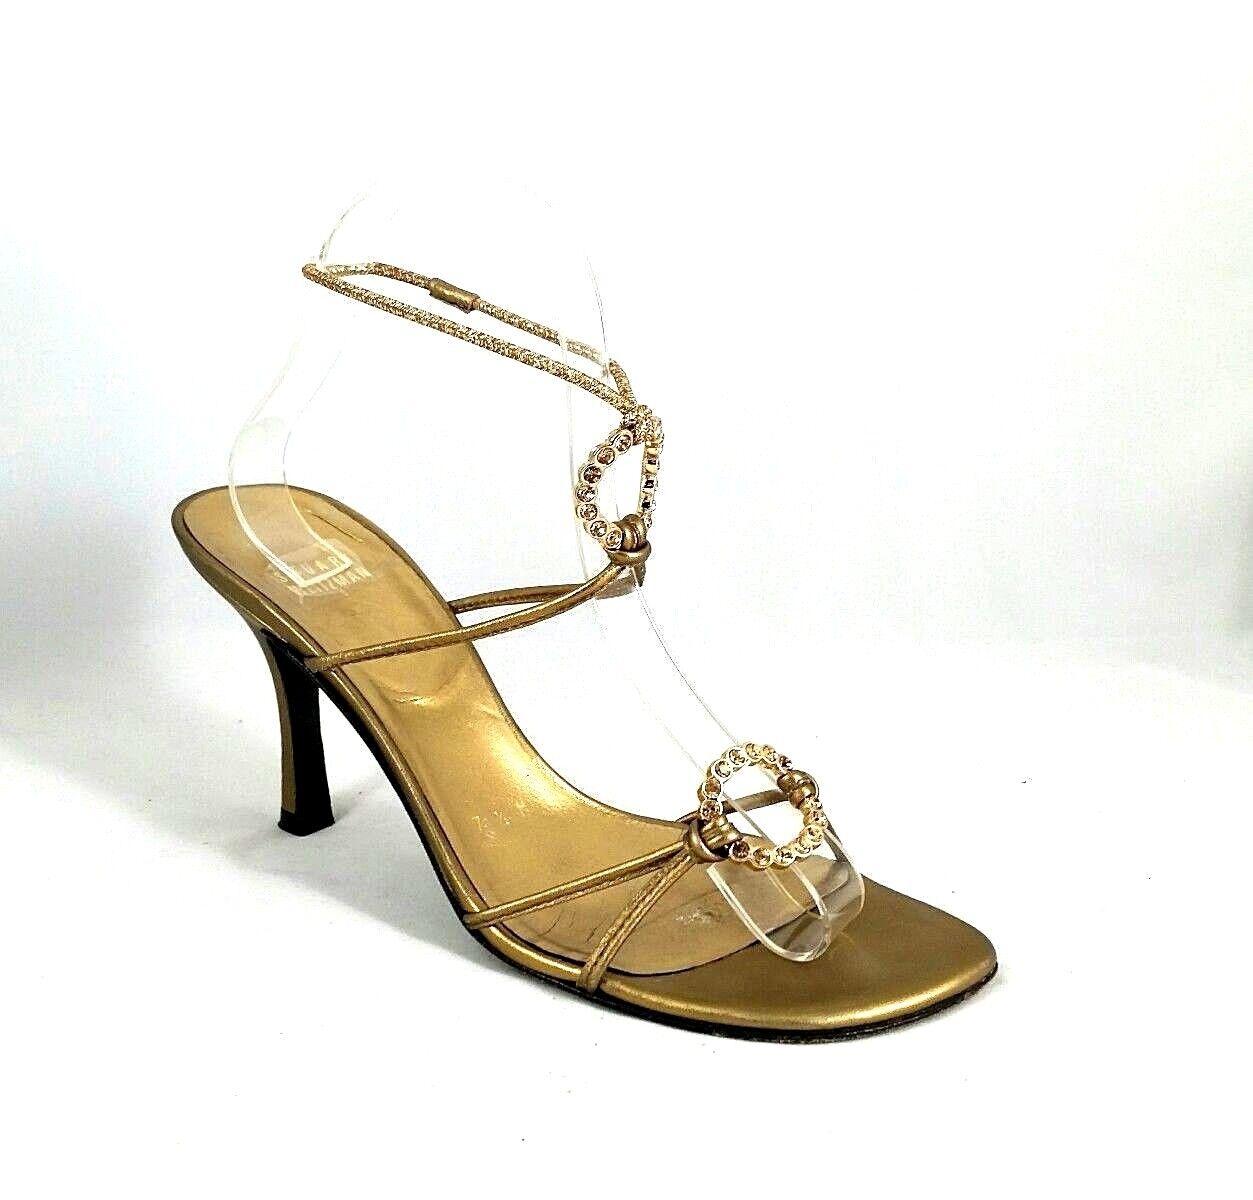 fino al 50% di sconto Stuart Weitzman Sandal oro 7.5 Open Toe Slim Heel Ankle Ankle Ankle Strap O Ring Crystal  marchi di stilisti economici